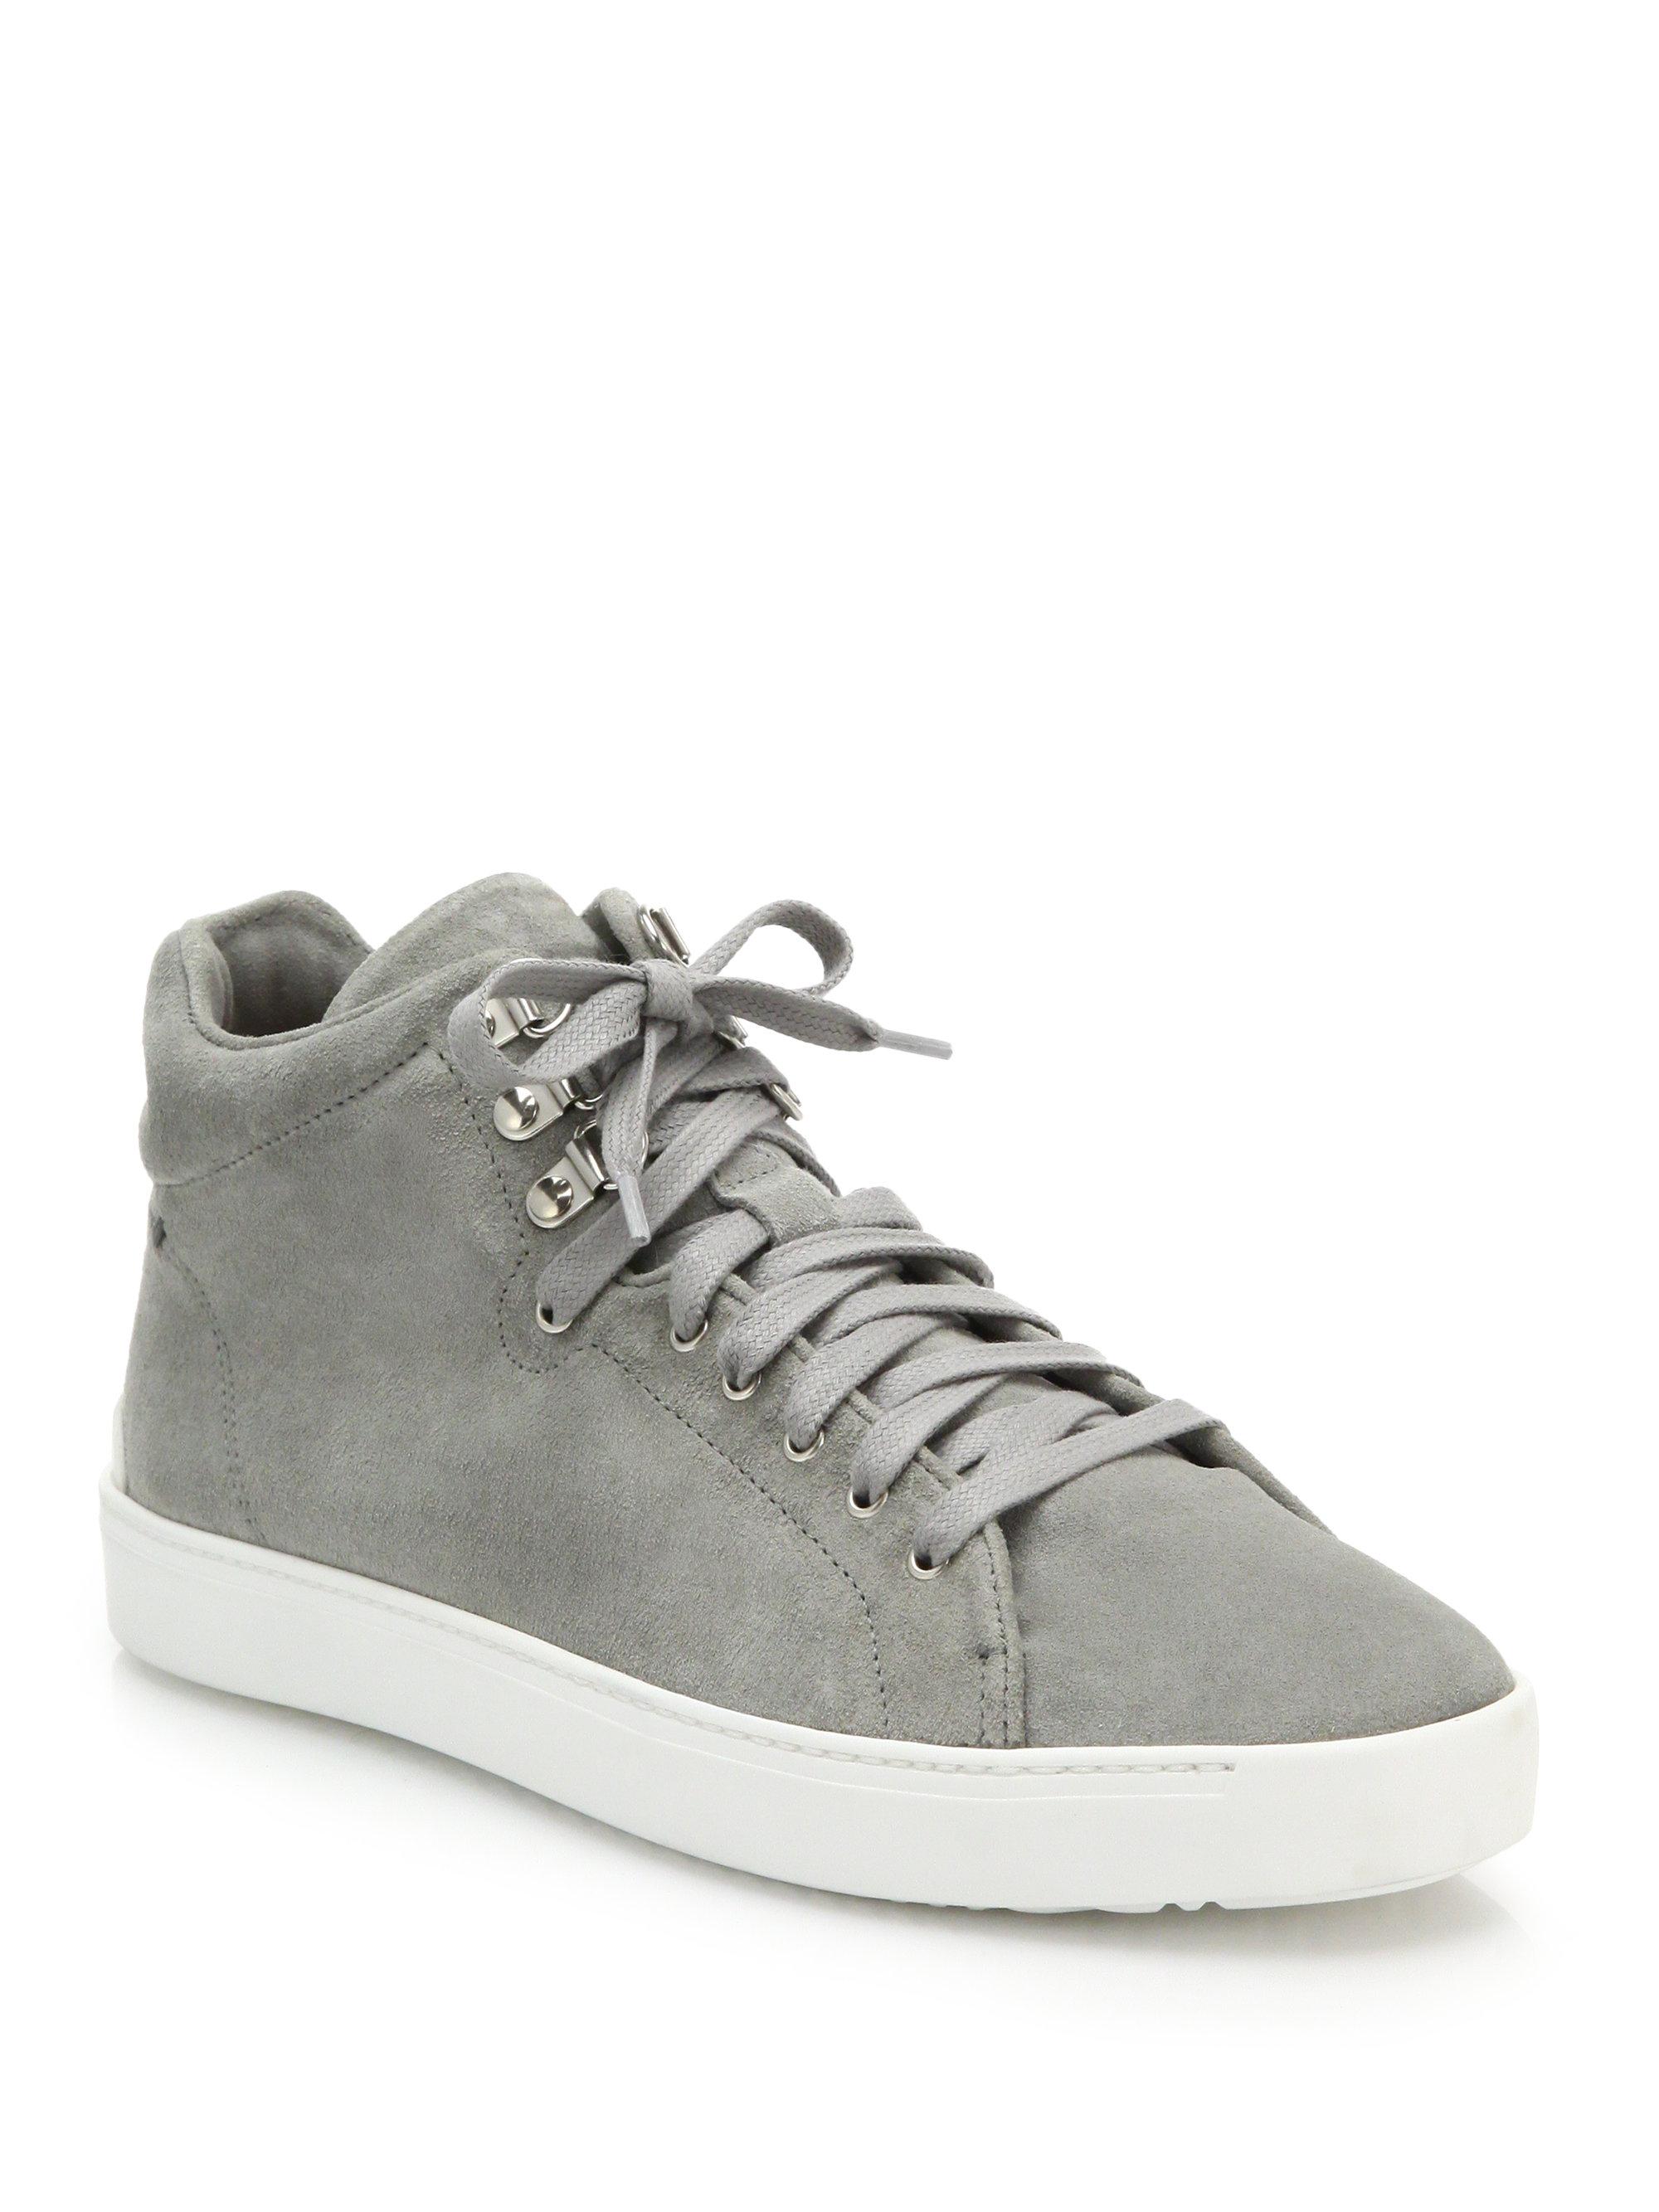 Rag \u0026 Bone Kent Suede High-top Sneakers